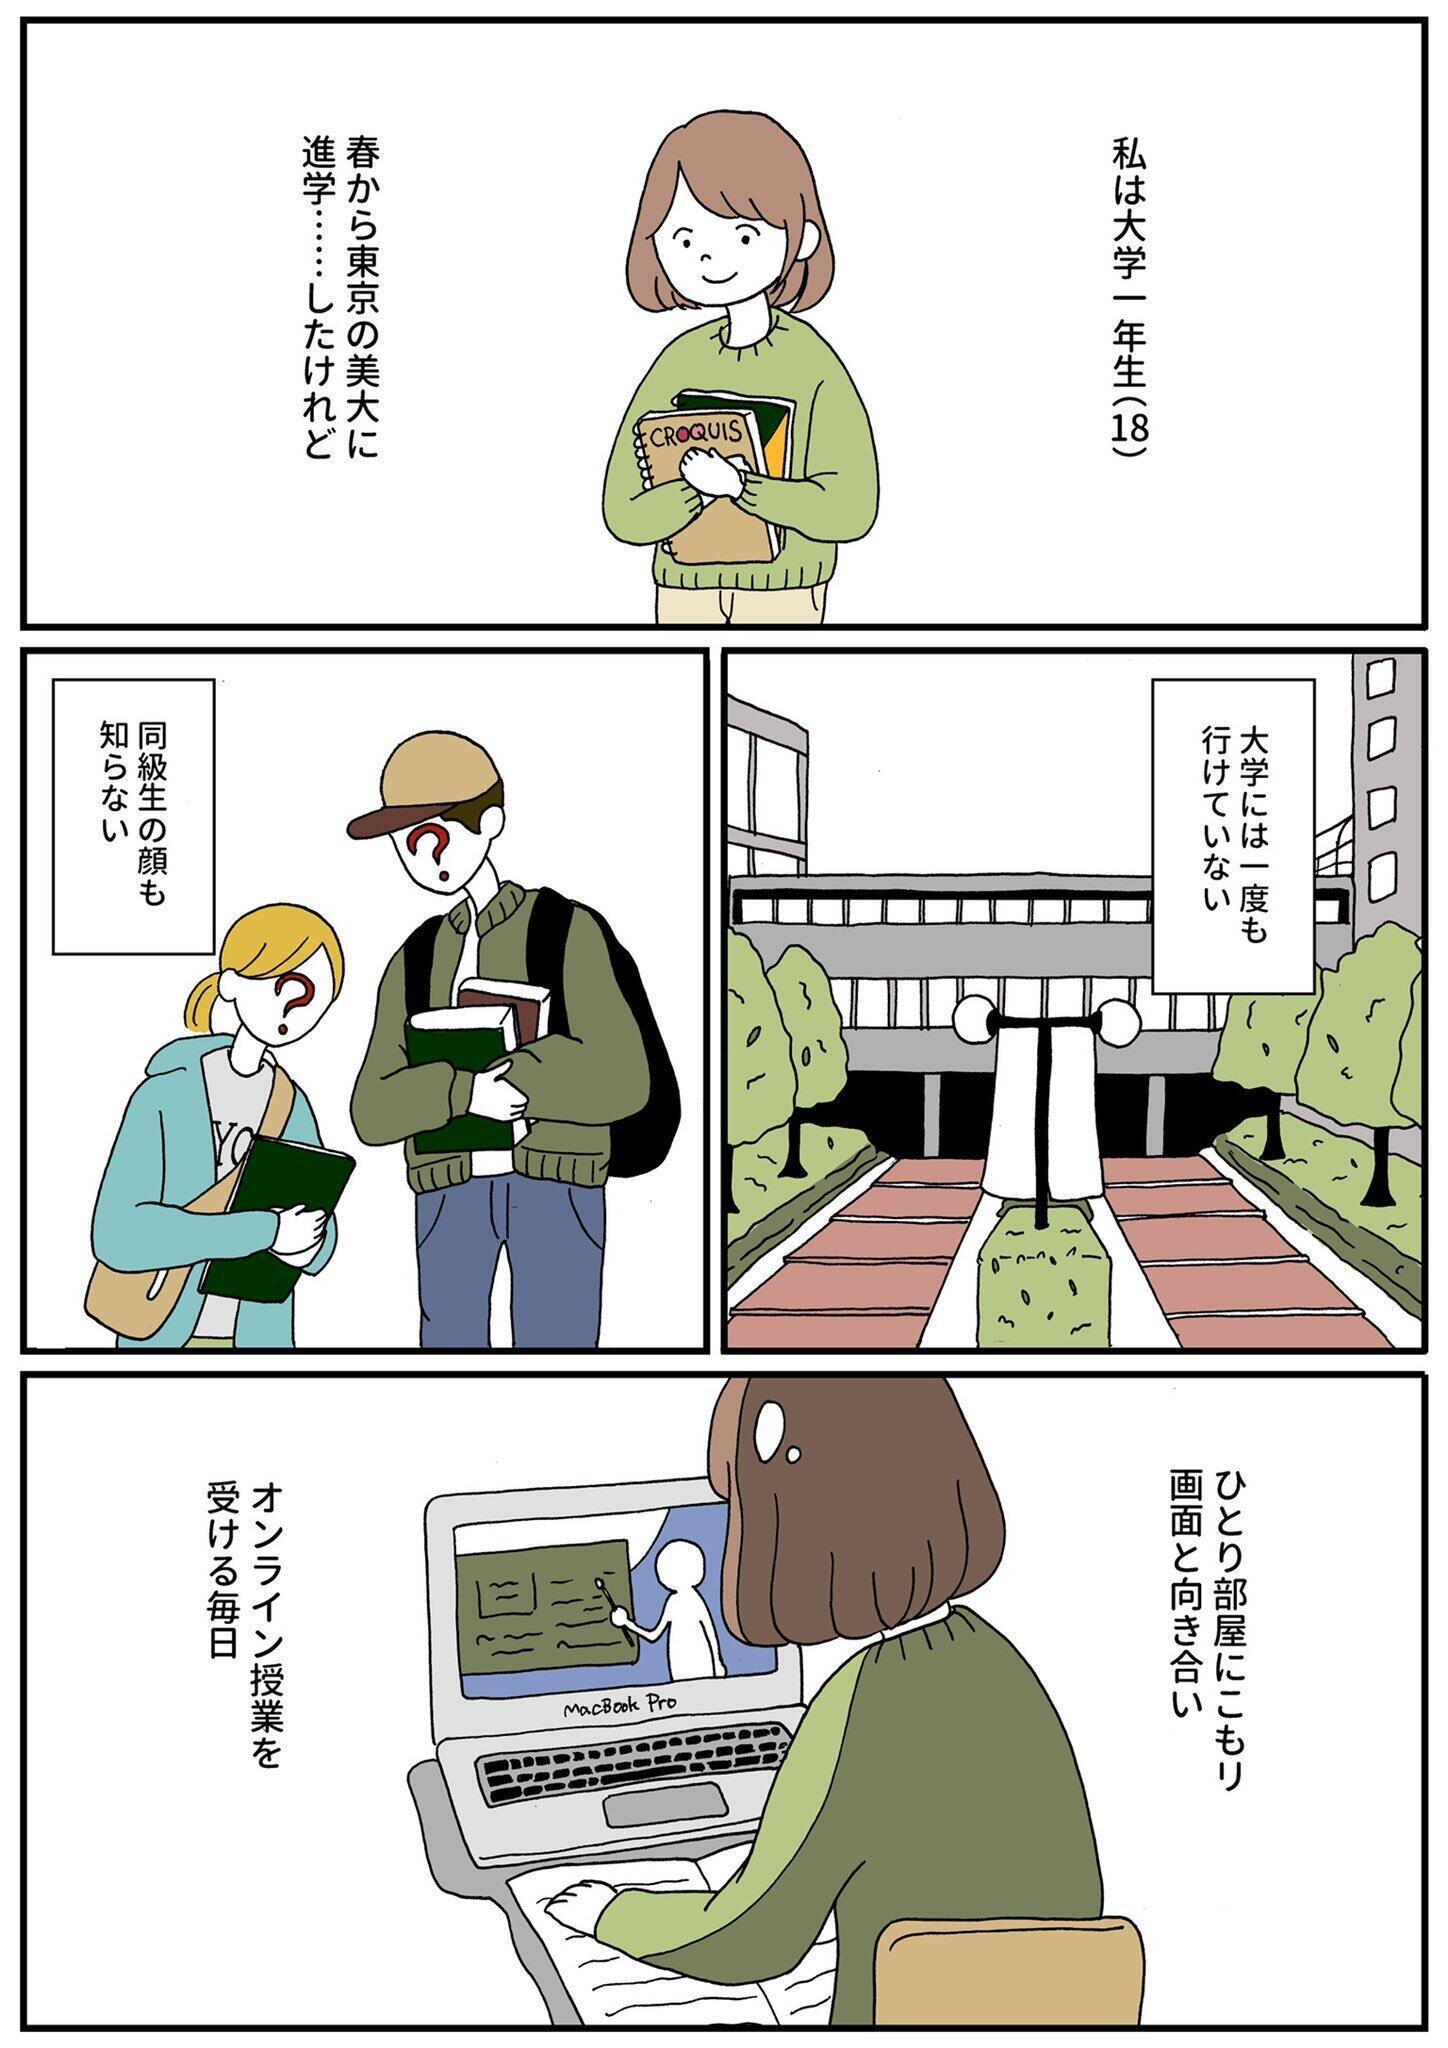 最初の4コマ(漫画は、maki@D6Hy1q0FQJuxtPOさん提供)